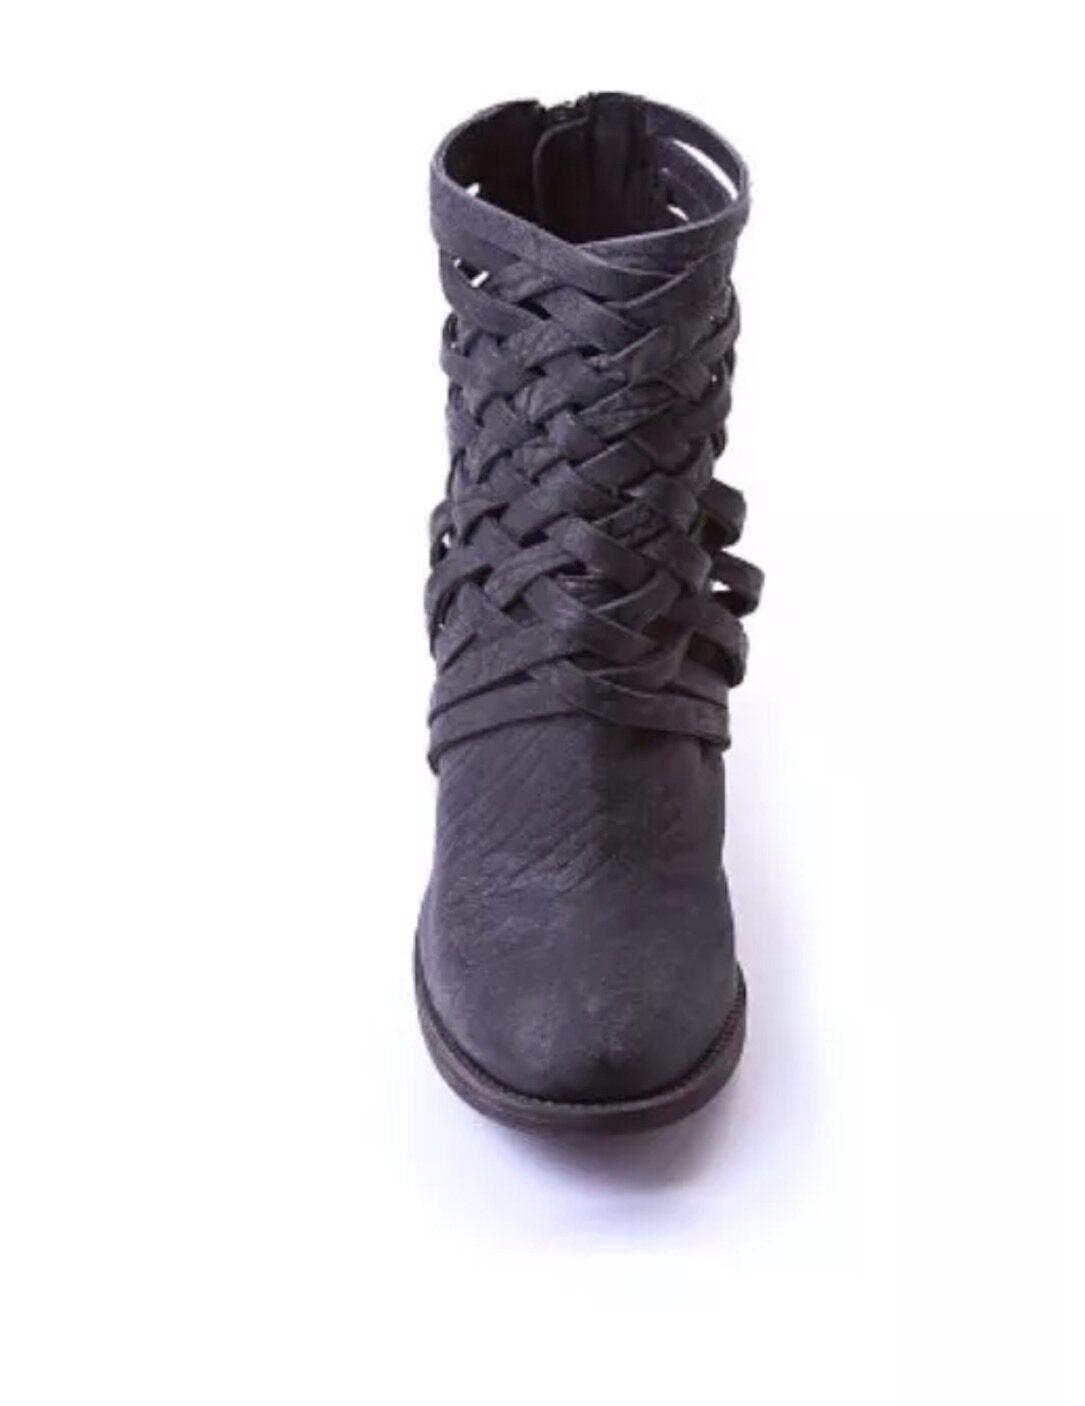 Free People para mujer Gafas De Cuero Negro botas al al al Tobillo Cremallera Con Tiras Talla 5 EUR 35 48eb78